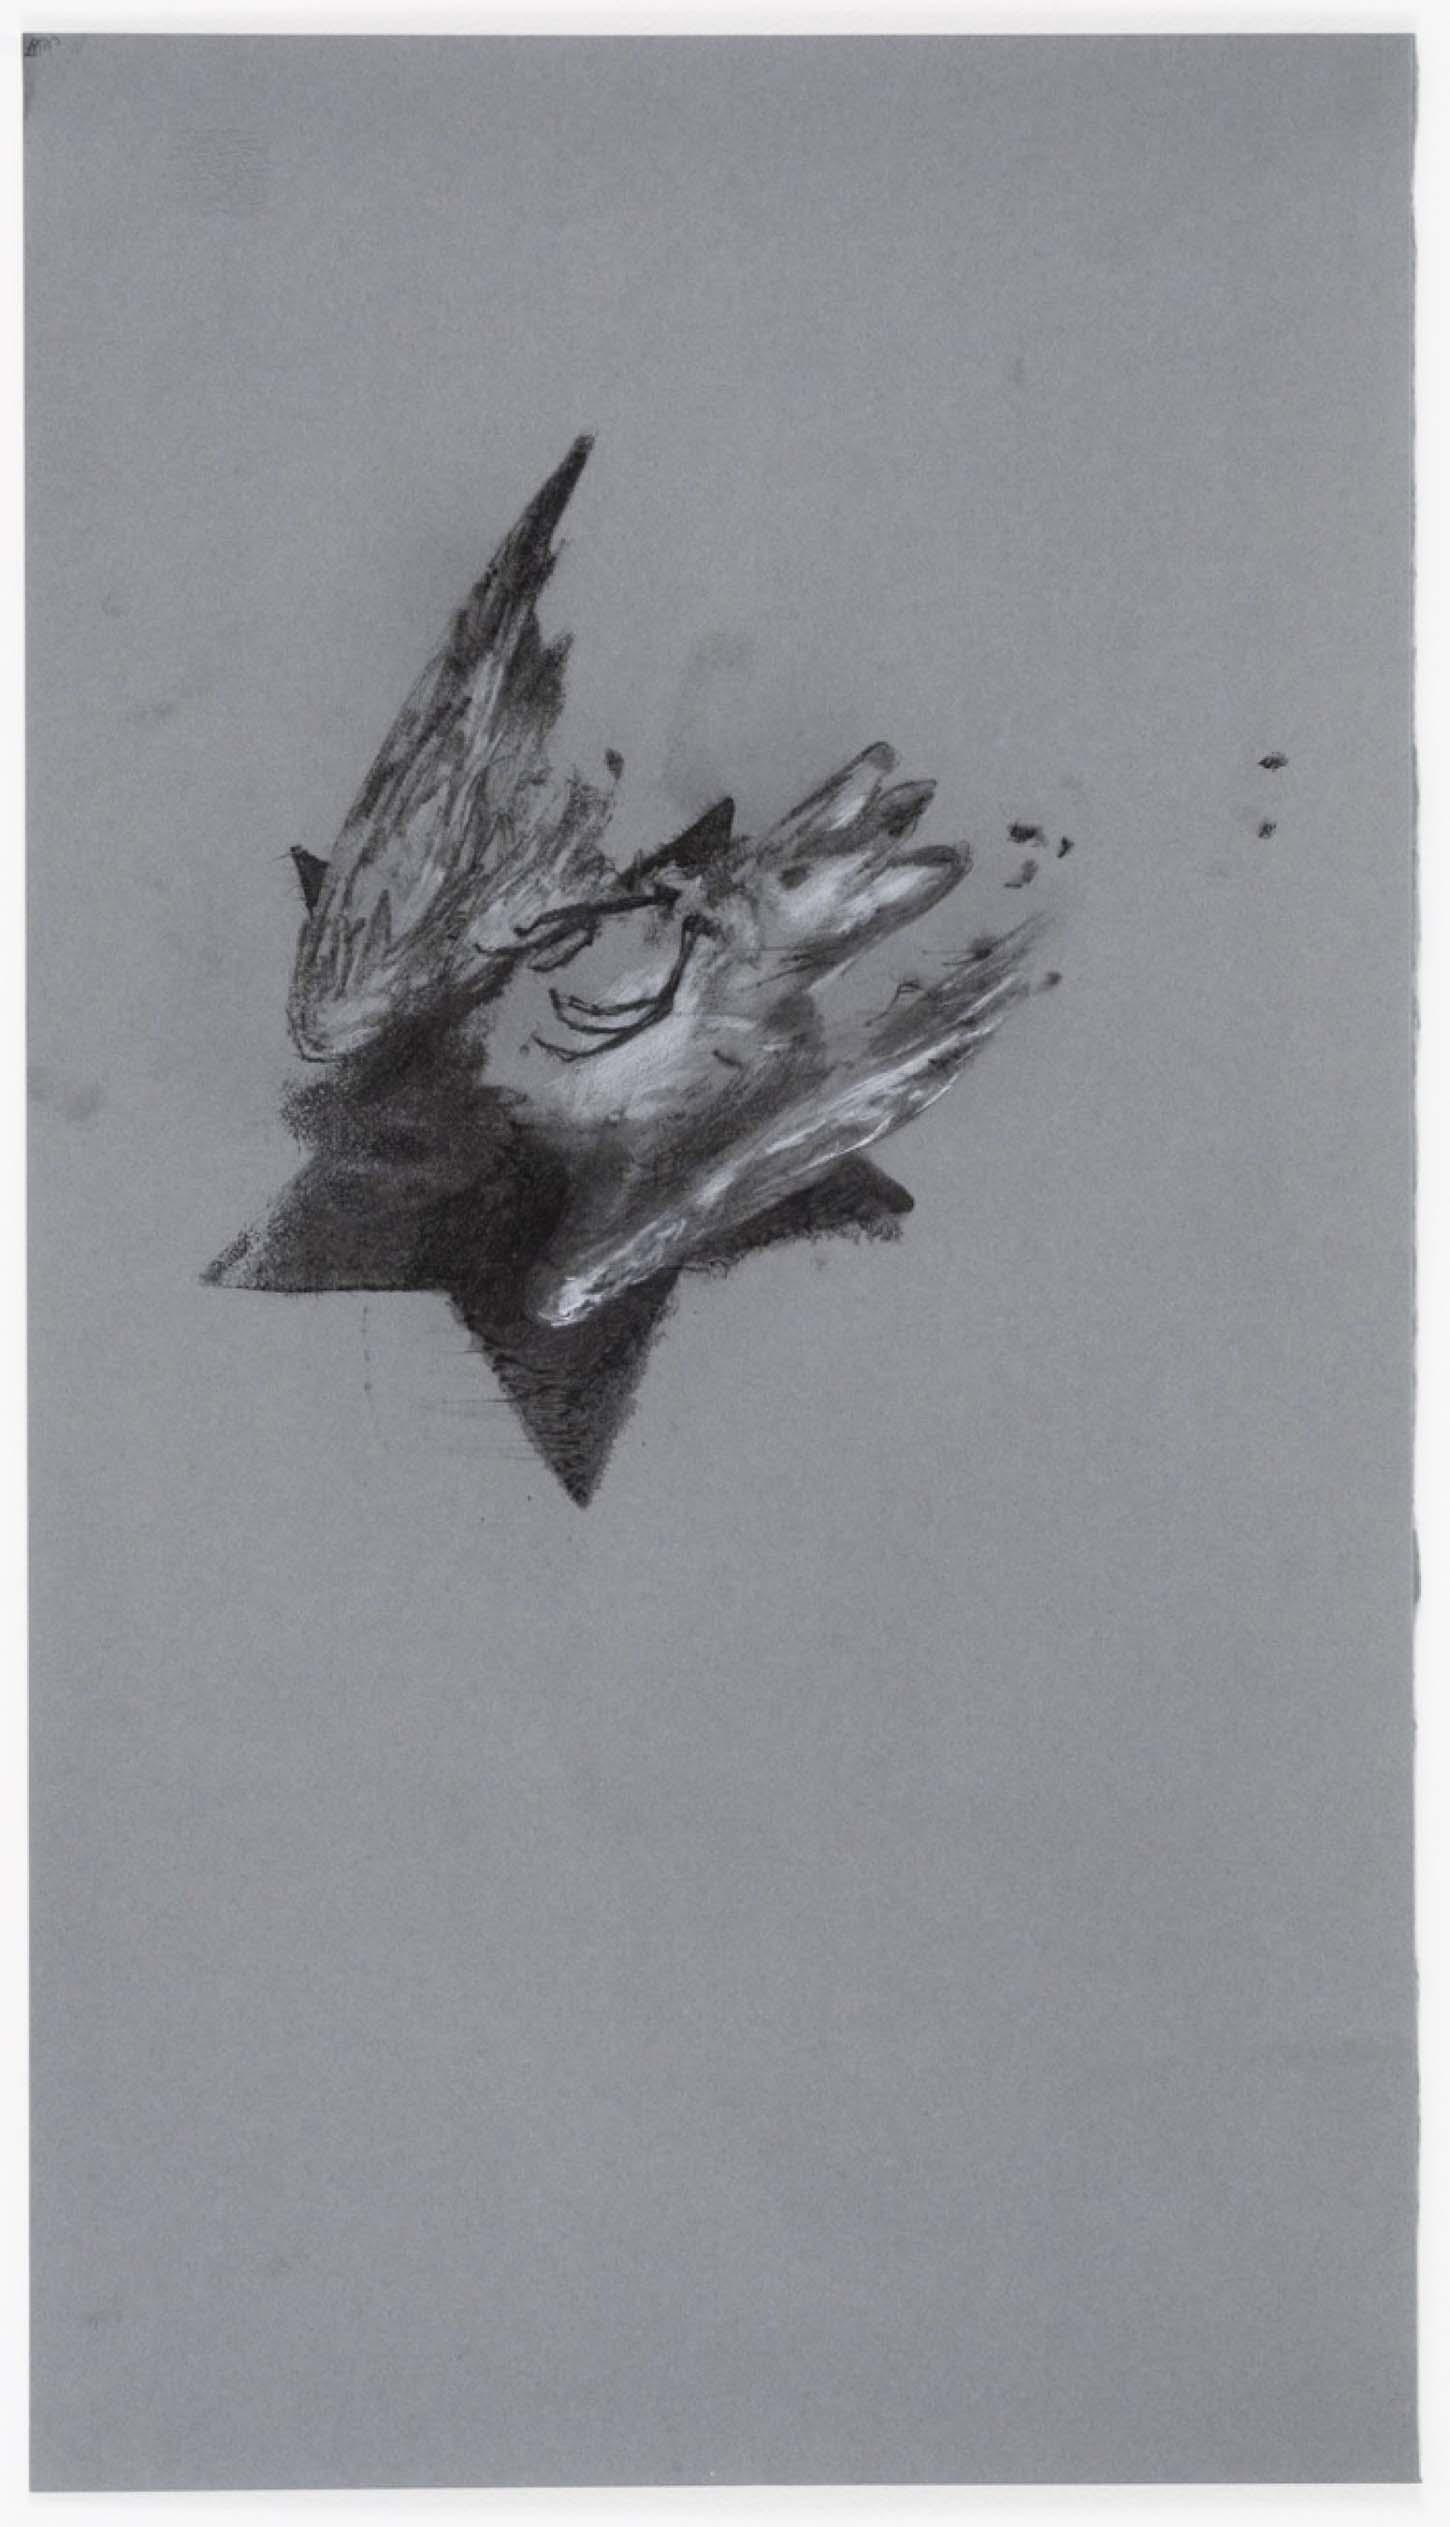 Jean-luc Verna, Death Wish (détail), 2005, transfert sur papier ancien rehaussé de crayons et de fards, hors cadre 18,7 x 13,3 cm, Edition 1/1